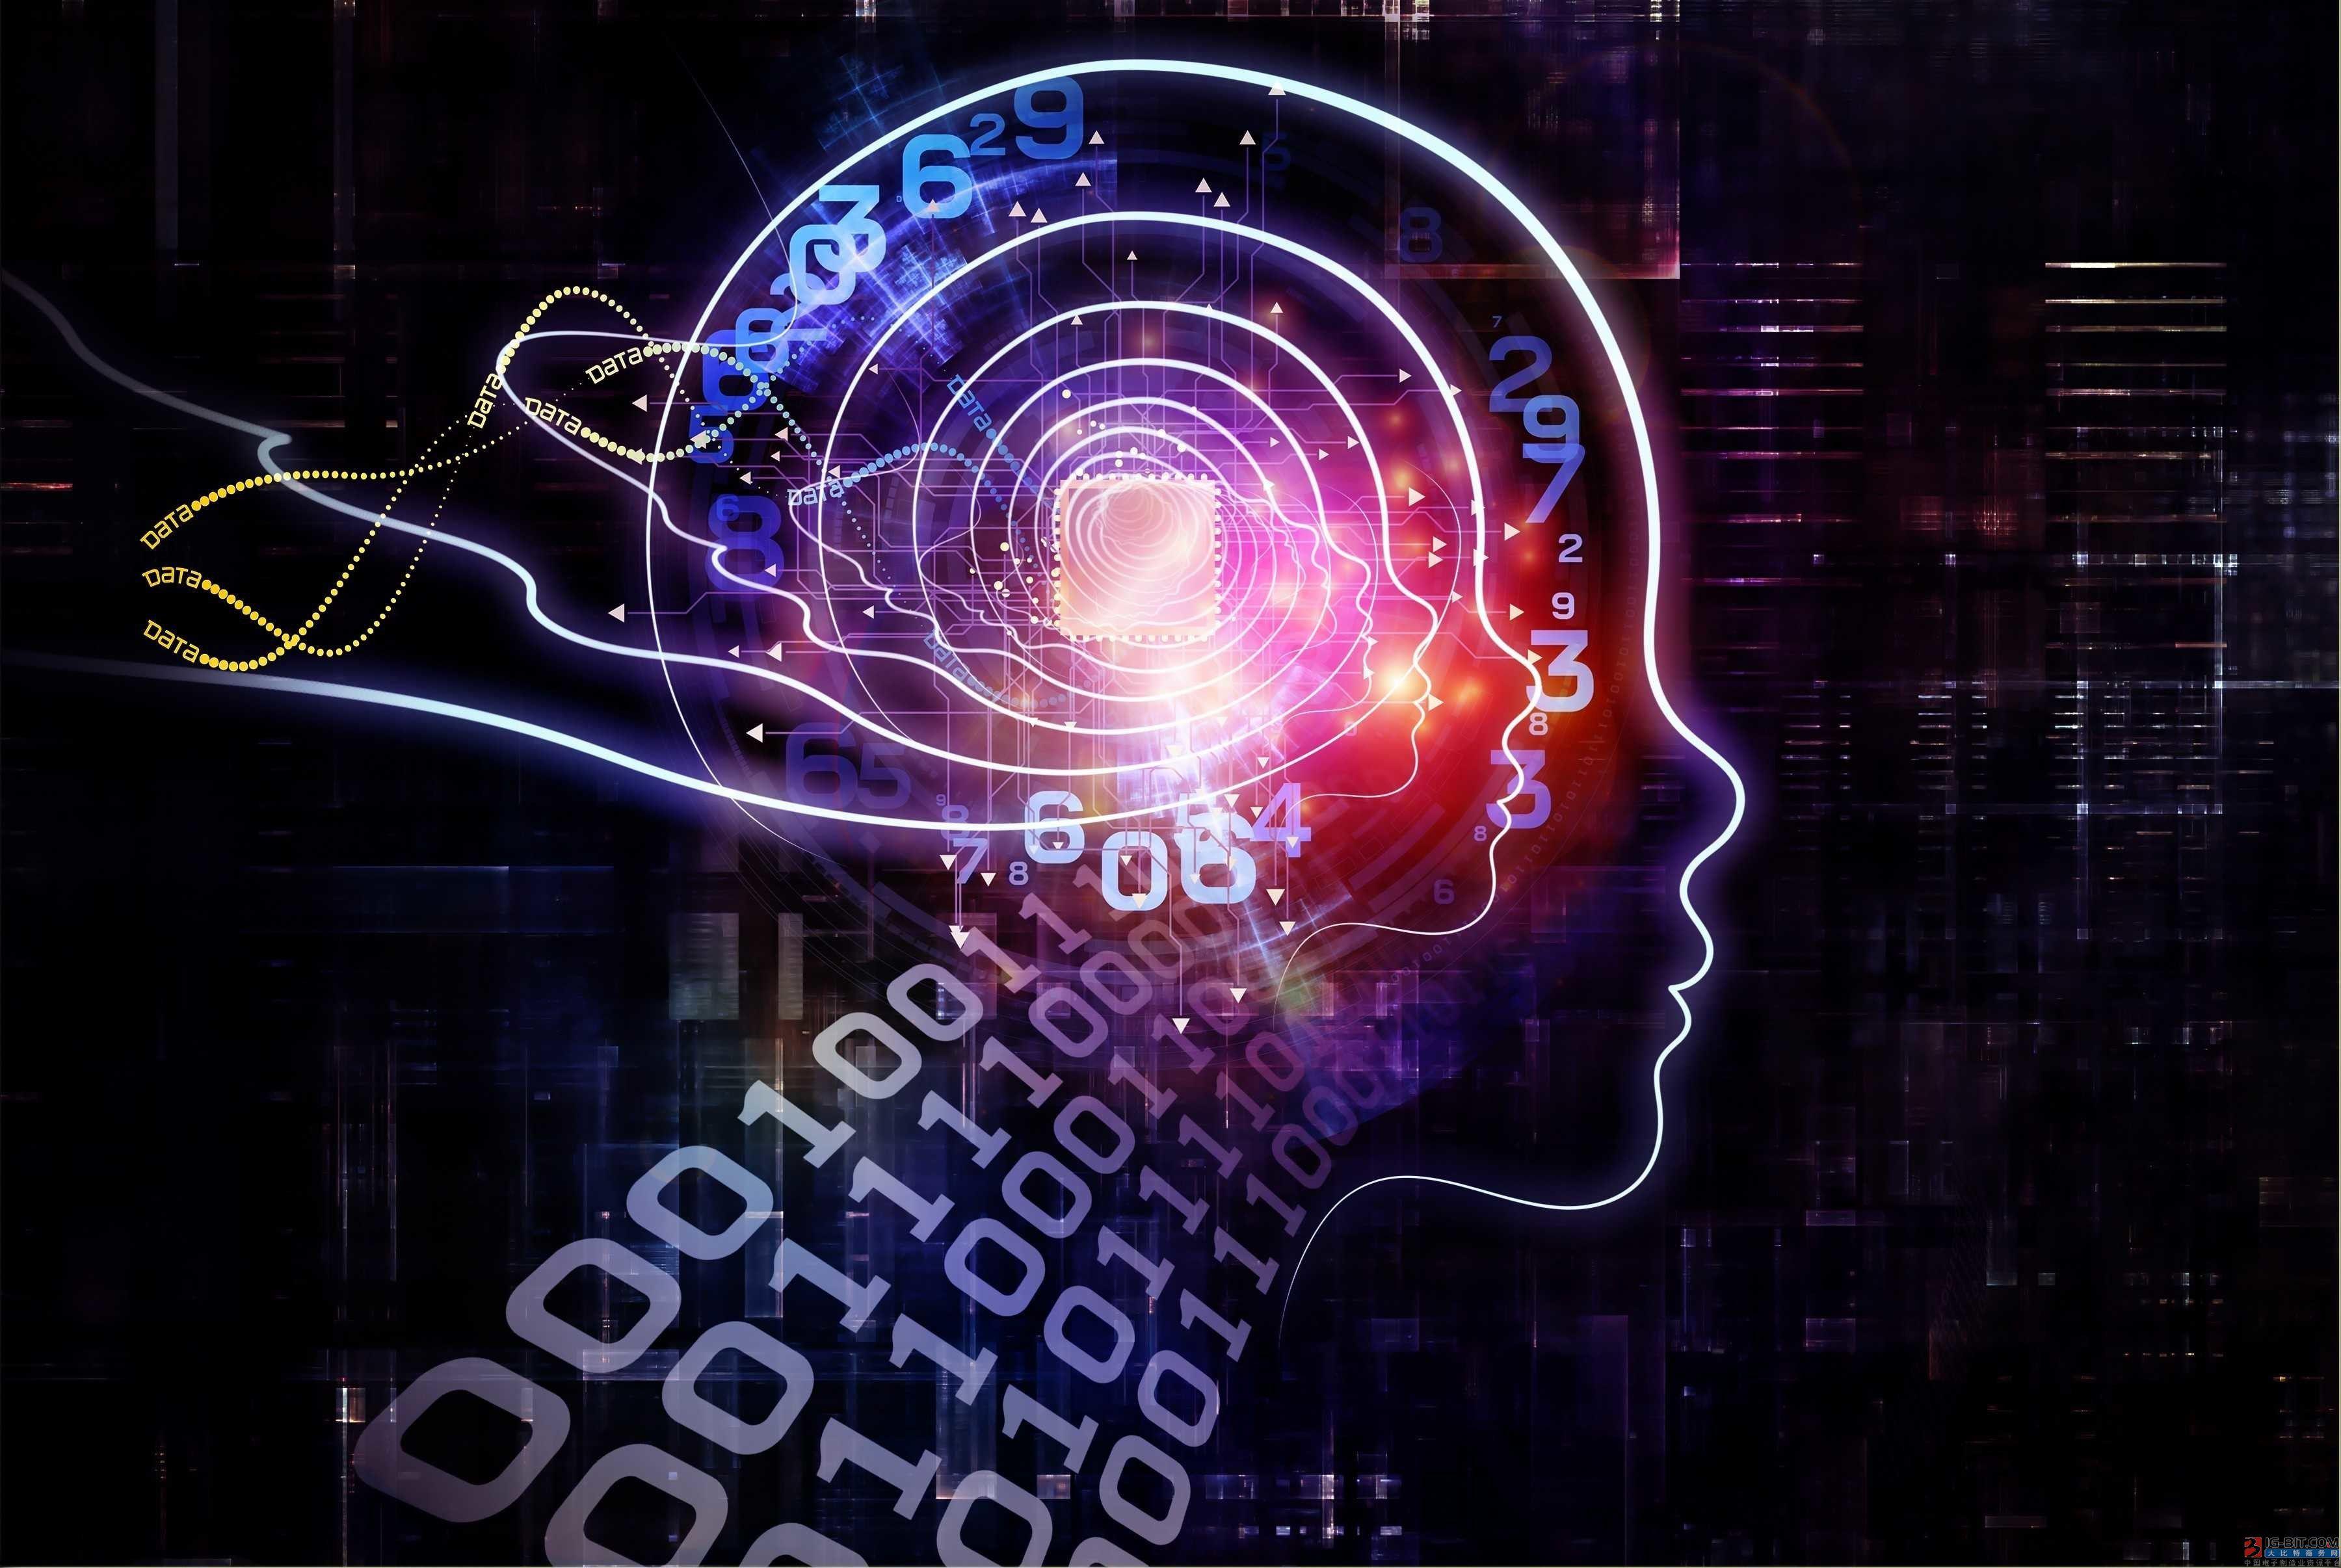 中国人工智能让美国害怕,半导体行业你准备好了吗?